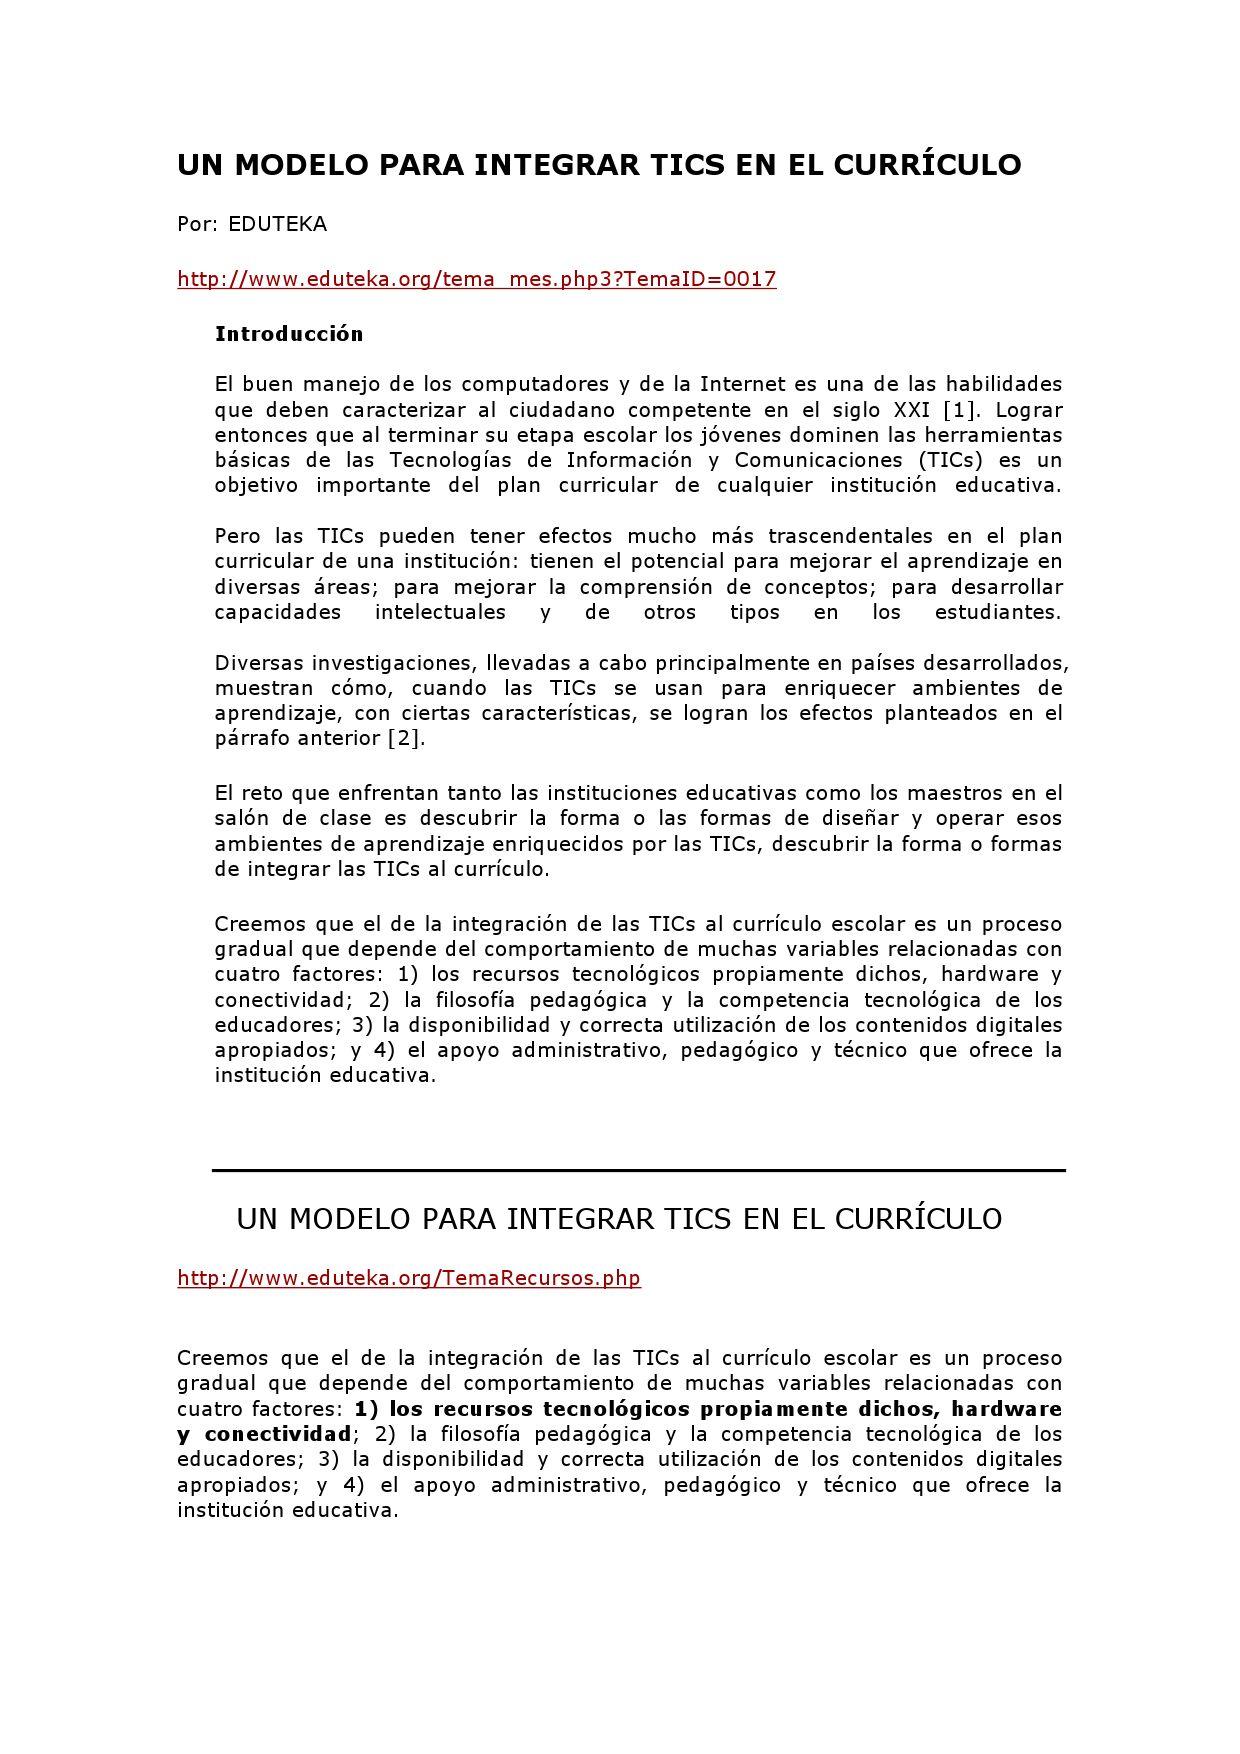 Un modelo para integrar tic en el currículo by José Alvarez - issuu